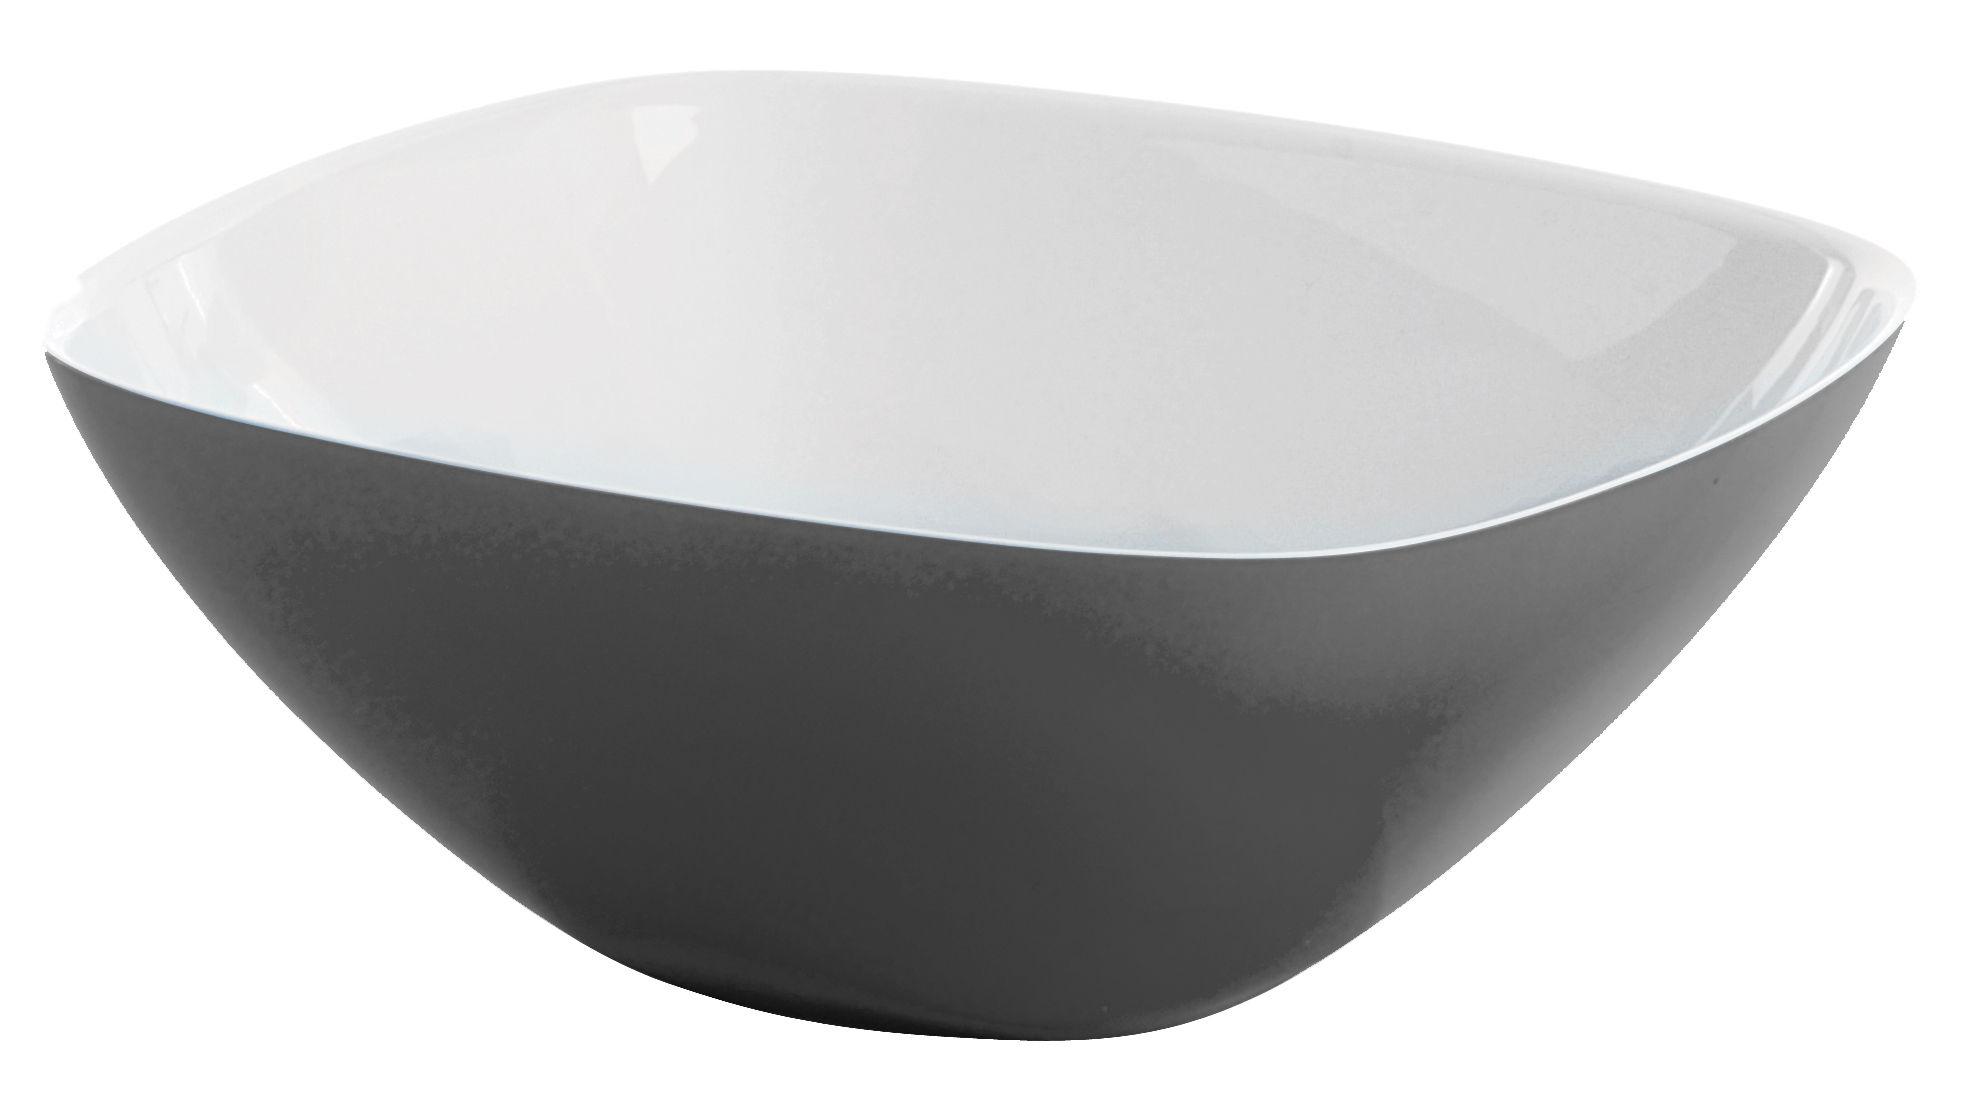 Arts de la table - Saladiers, coupes et bols - Bol Vintage / Ø 12 cm - Guzzini - Blanc - Gris - Plastique SAN